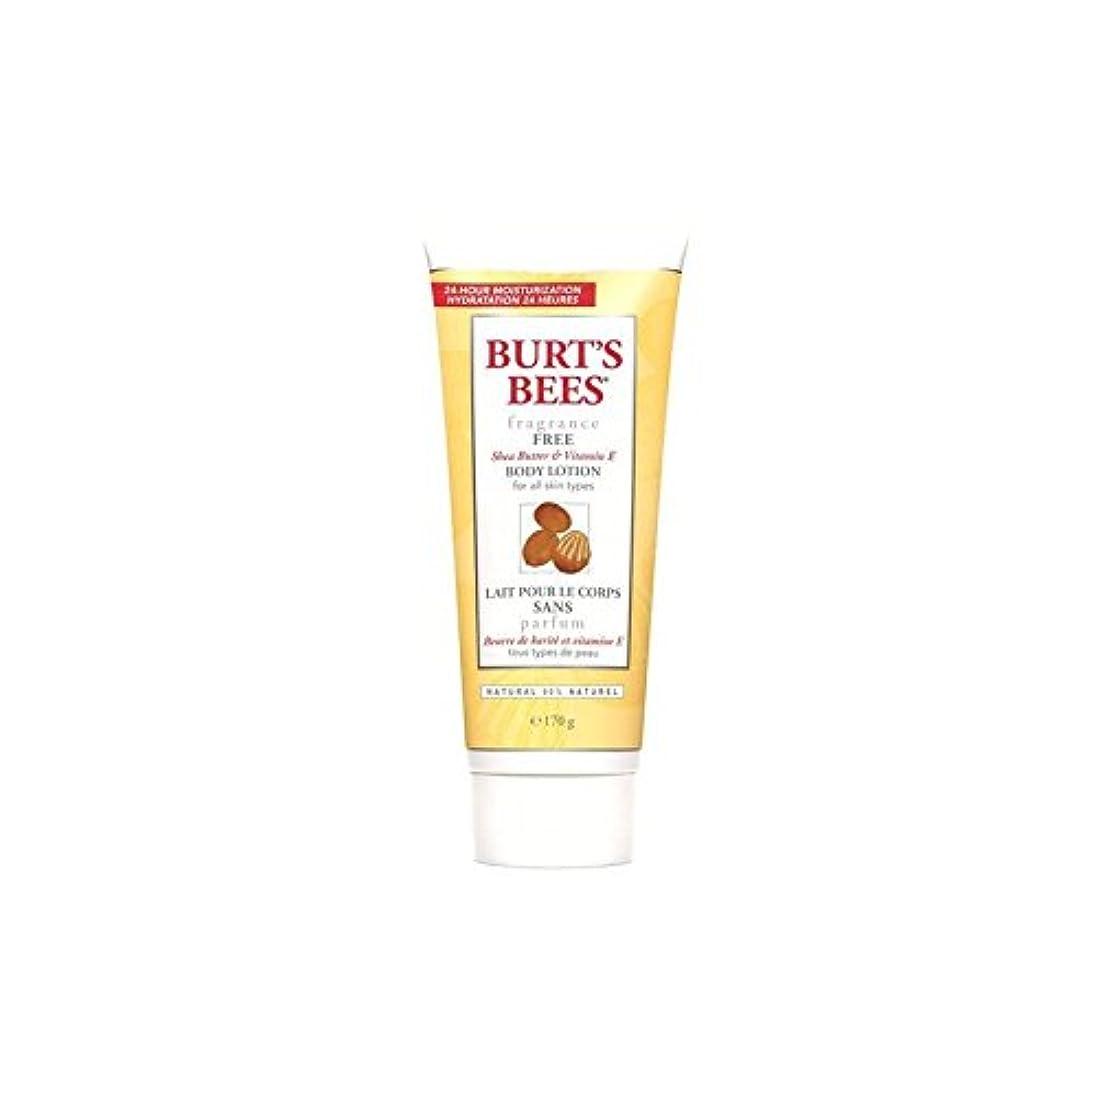 発見する豊富なタクシーBurt's Bees Body Lotion - Fragrance Free 6fl oz (Pack of 6) - バーツビーボディローション - 無香料6オンス x6 [並行輸入品]